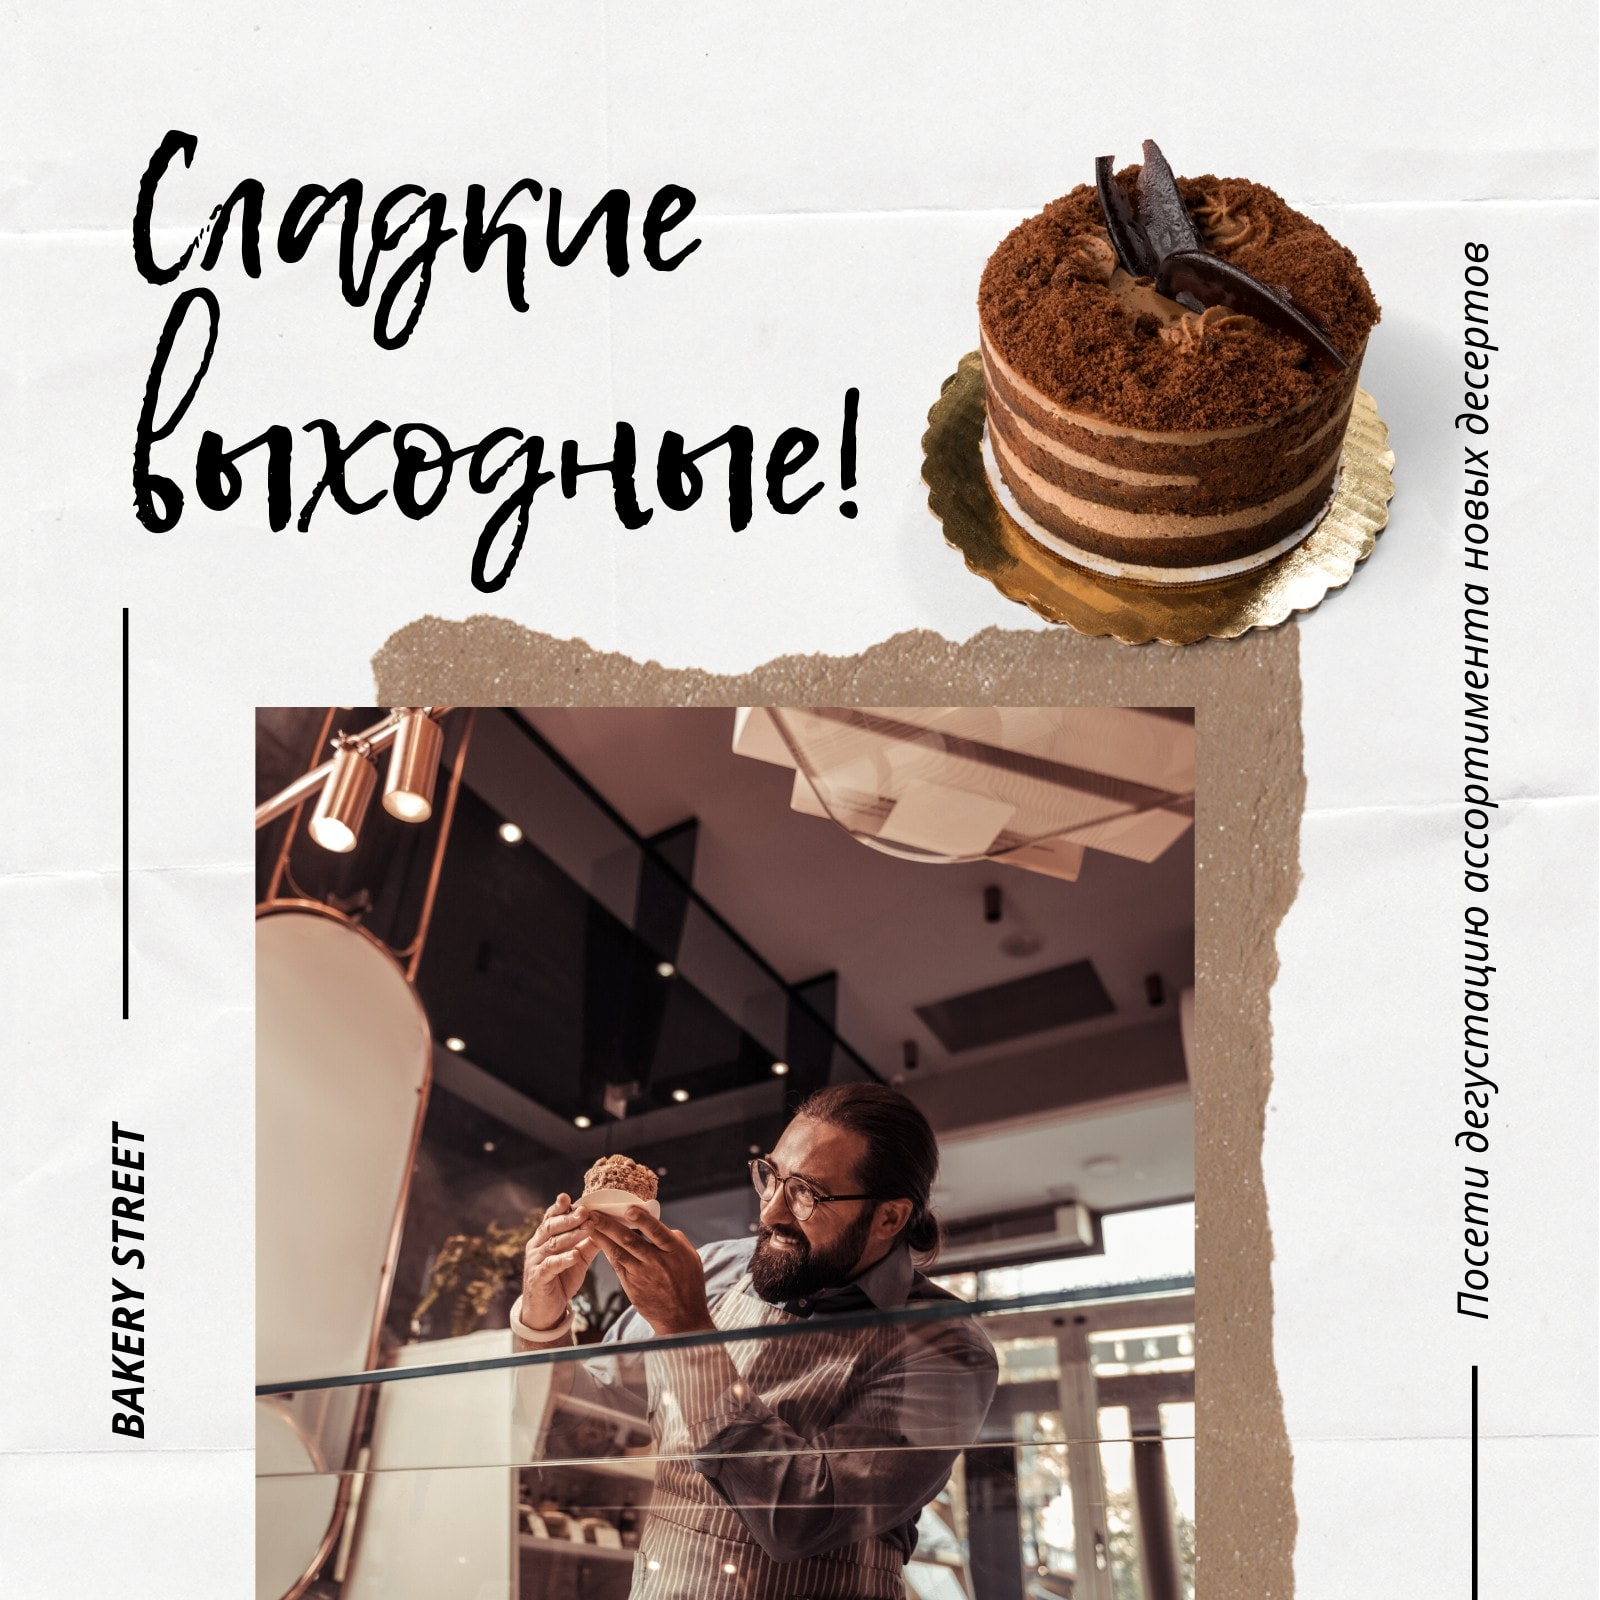 Коричневая публикация в Instagram с шоколадной выпечкой